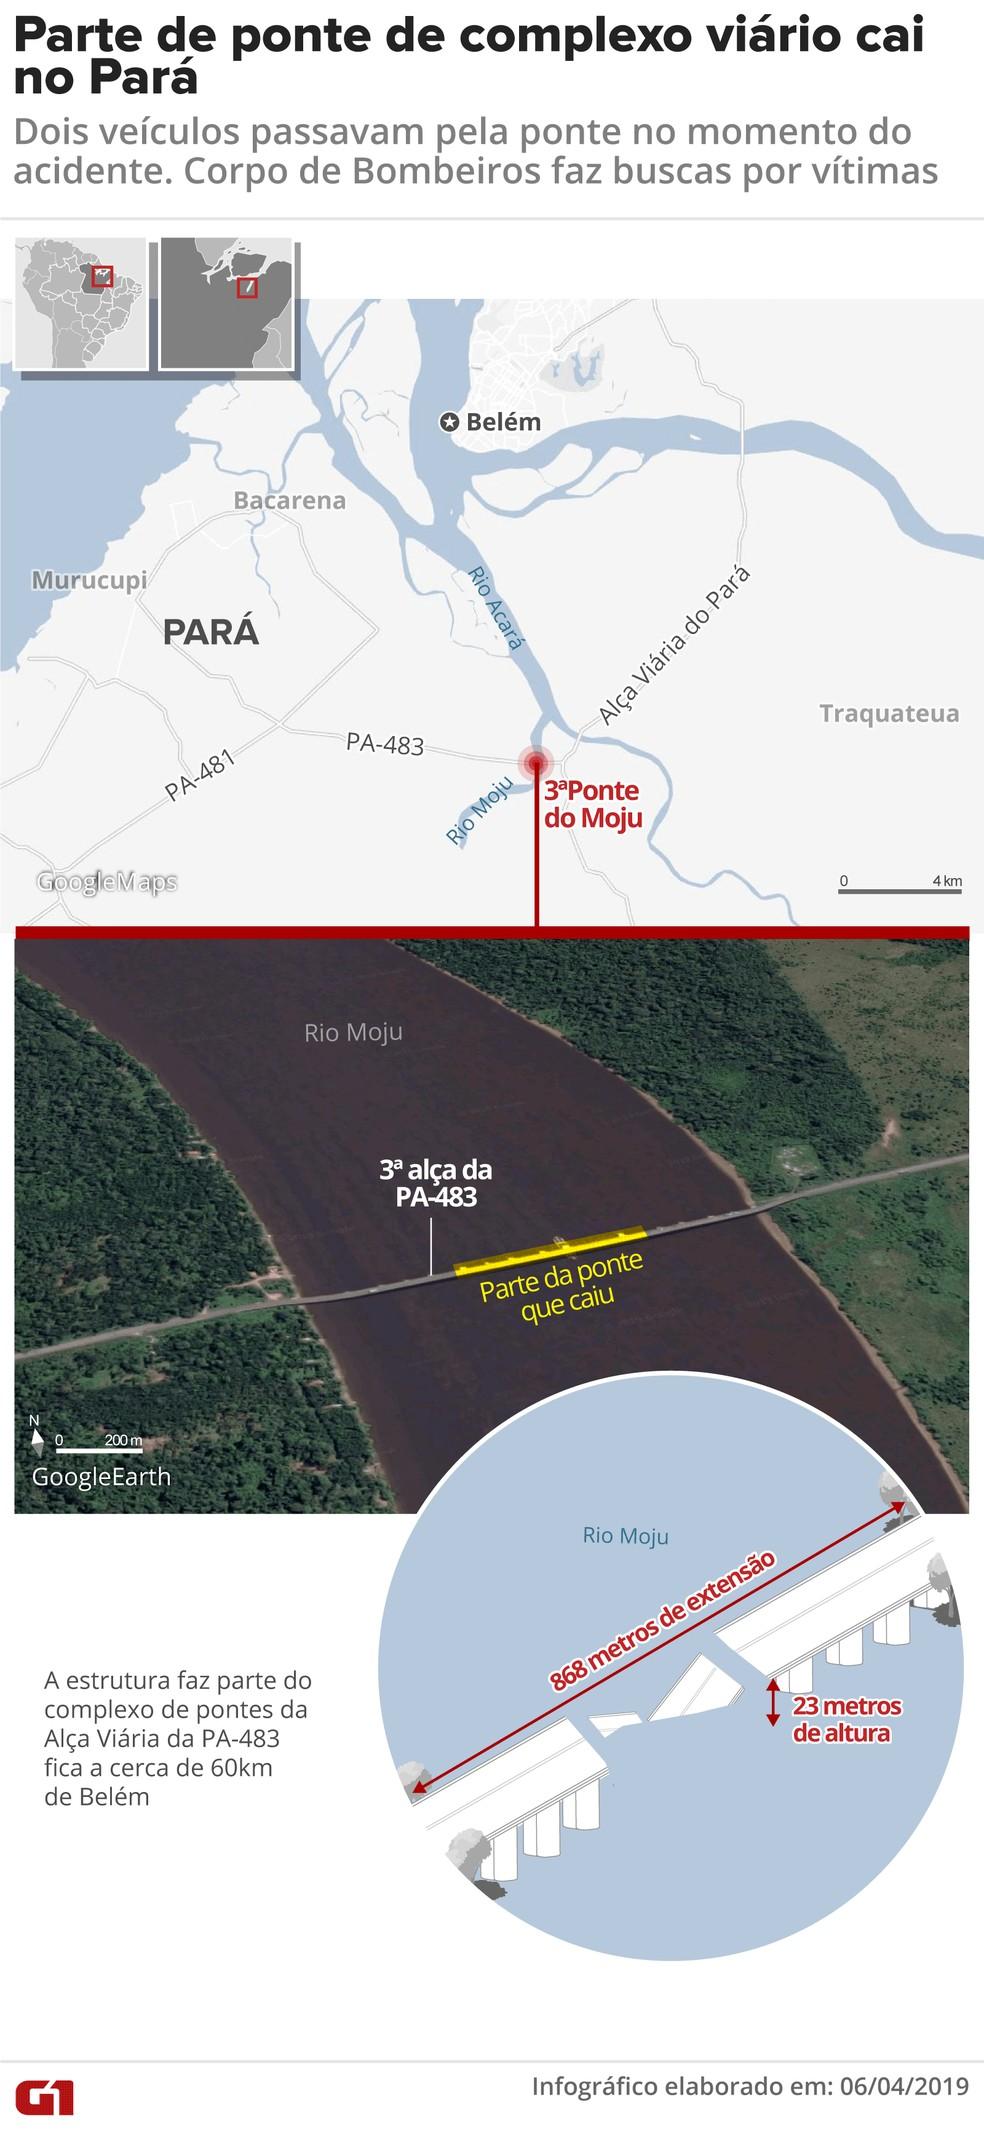 ponte cai para v2 1  - Polícia ouve depoimentos sobre queda da ponte sobre o rio Moju, no Pará